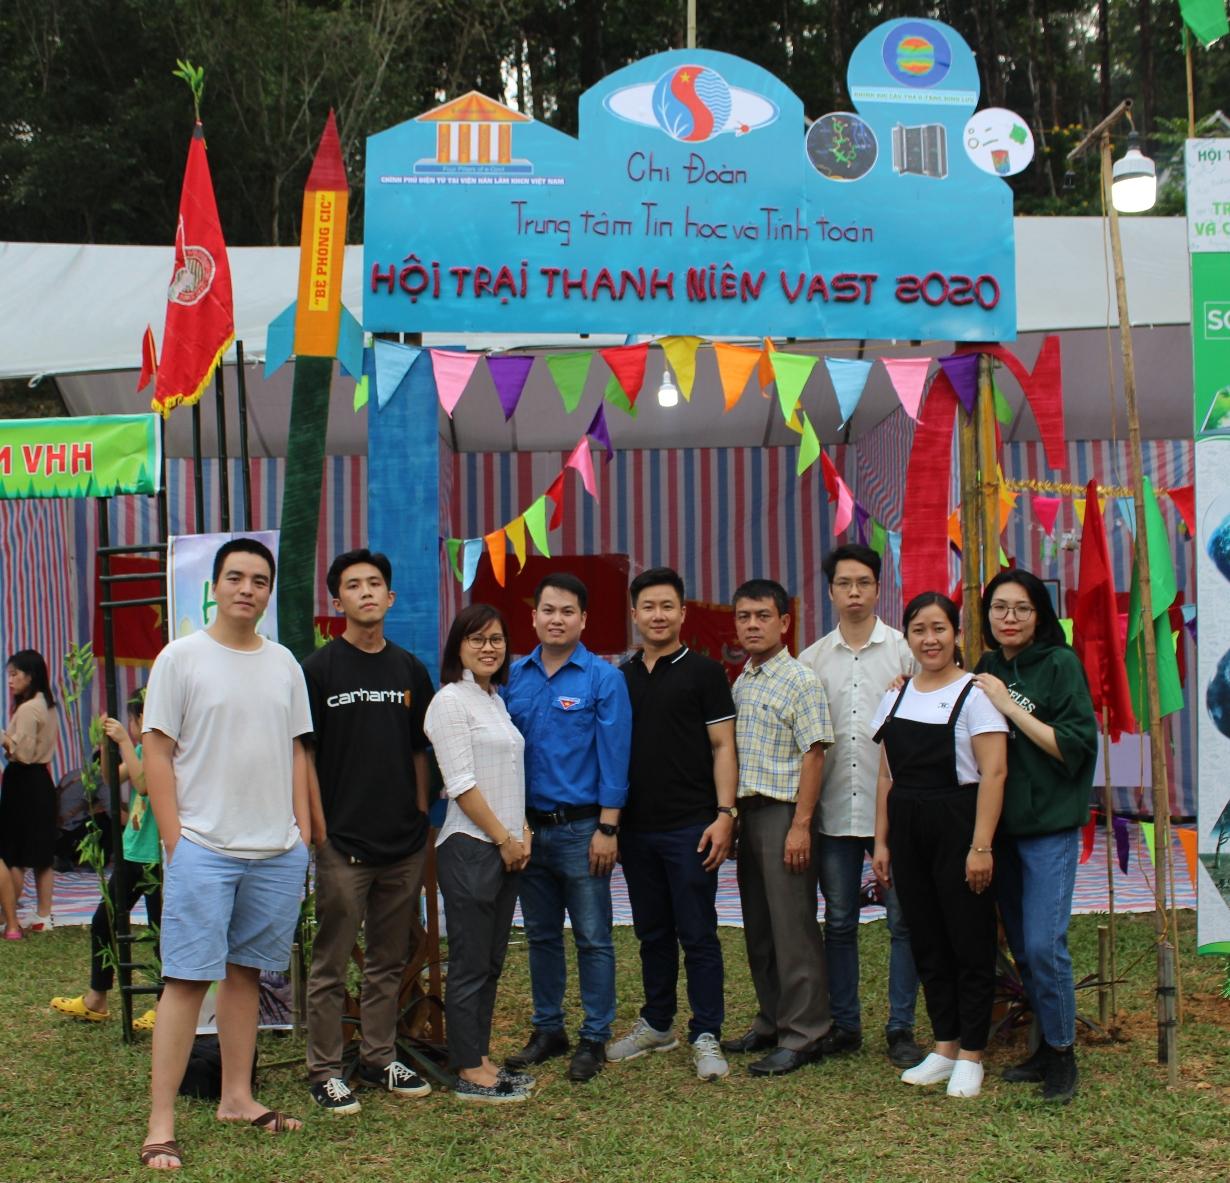 Chi đoàn Trung tâm Tin học và Tính toán tham gia Hội trại thanh niên VAST 2020